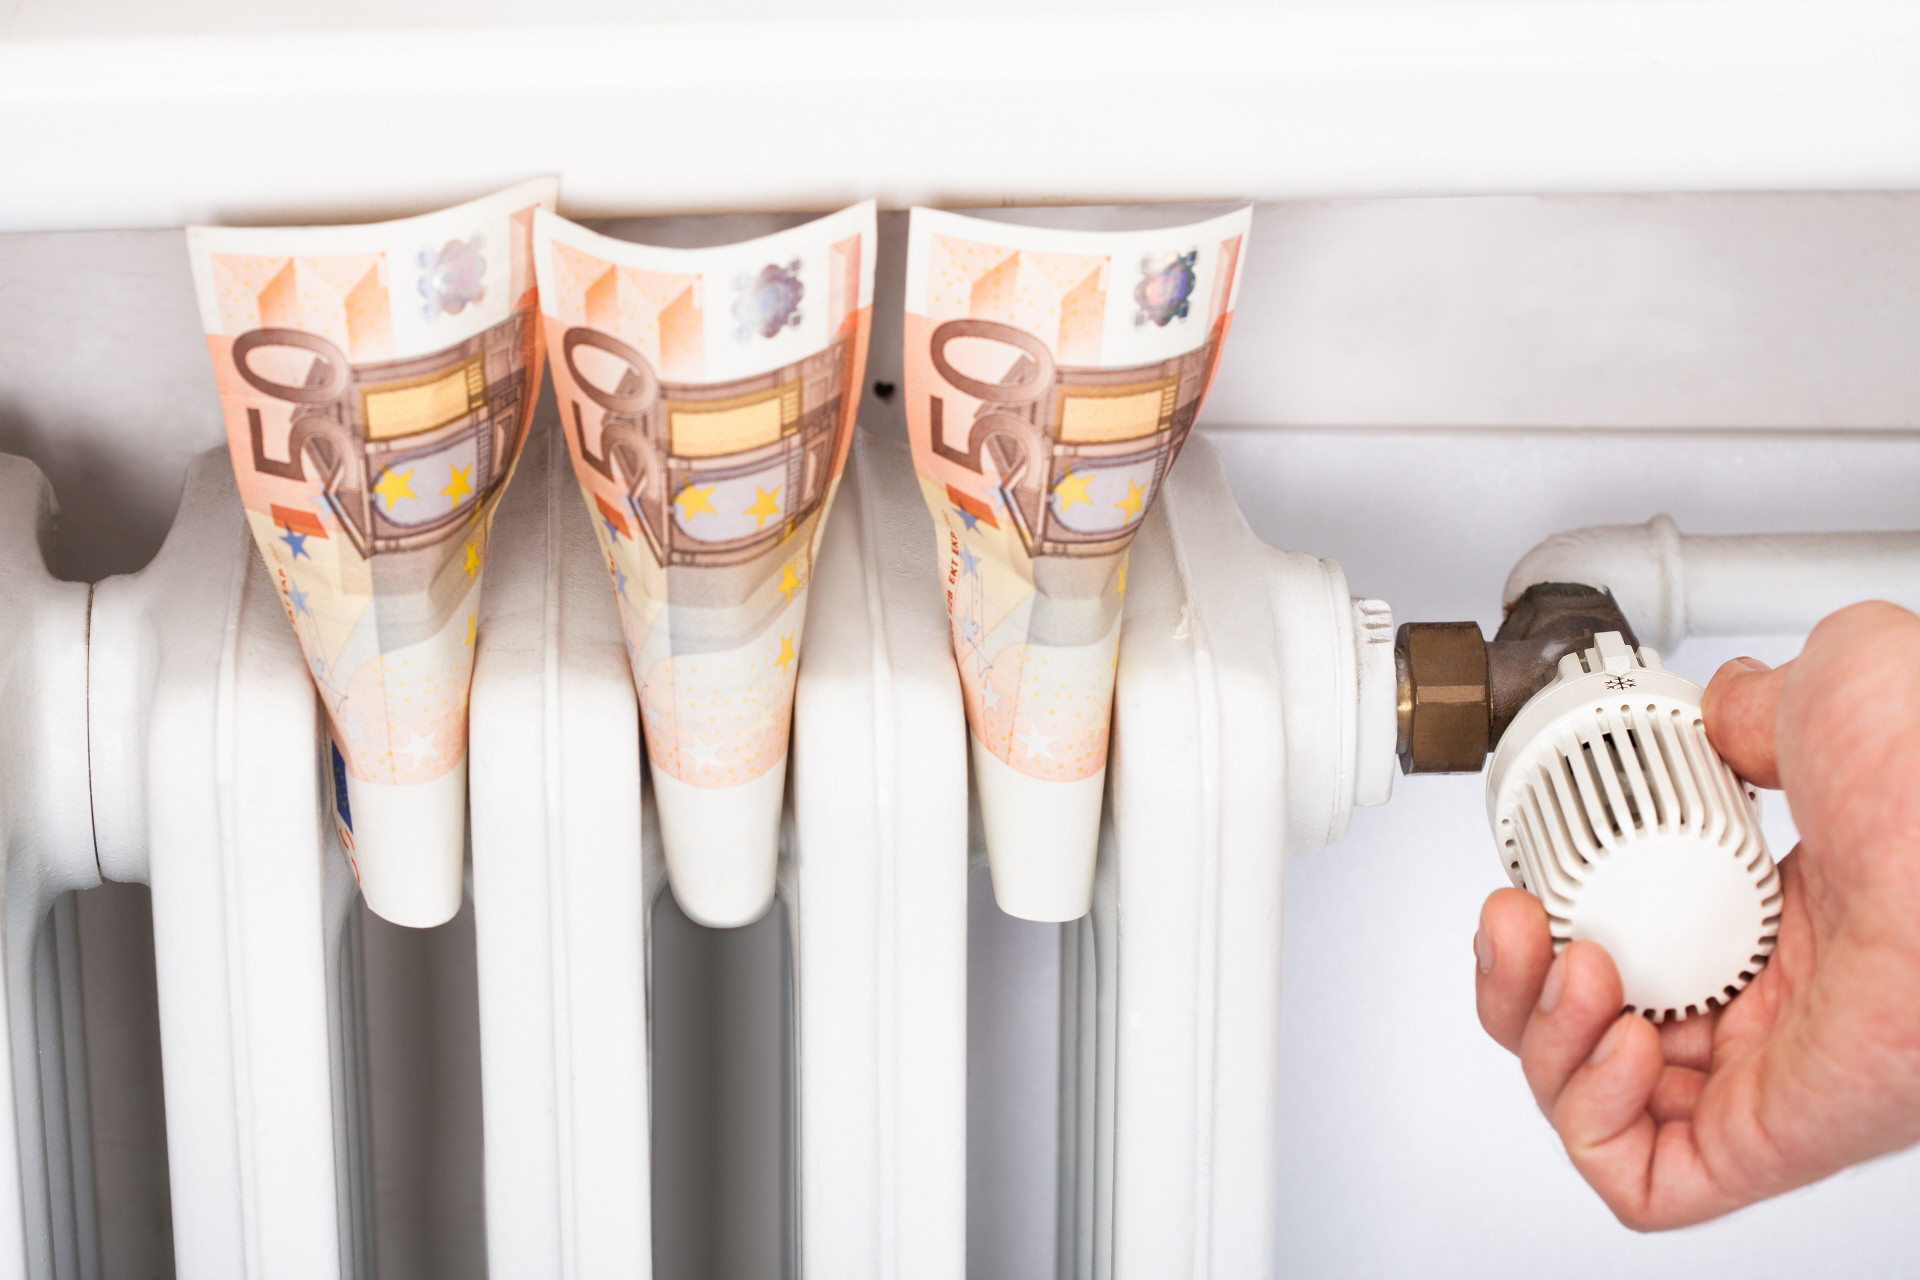 Tipo Di Riscaldamento Più Economico come risparmiare sul riscaldamento domestico: il decalogo